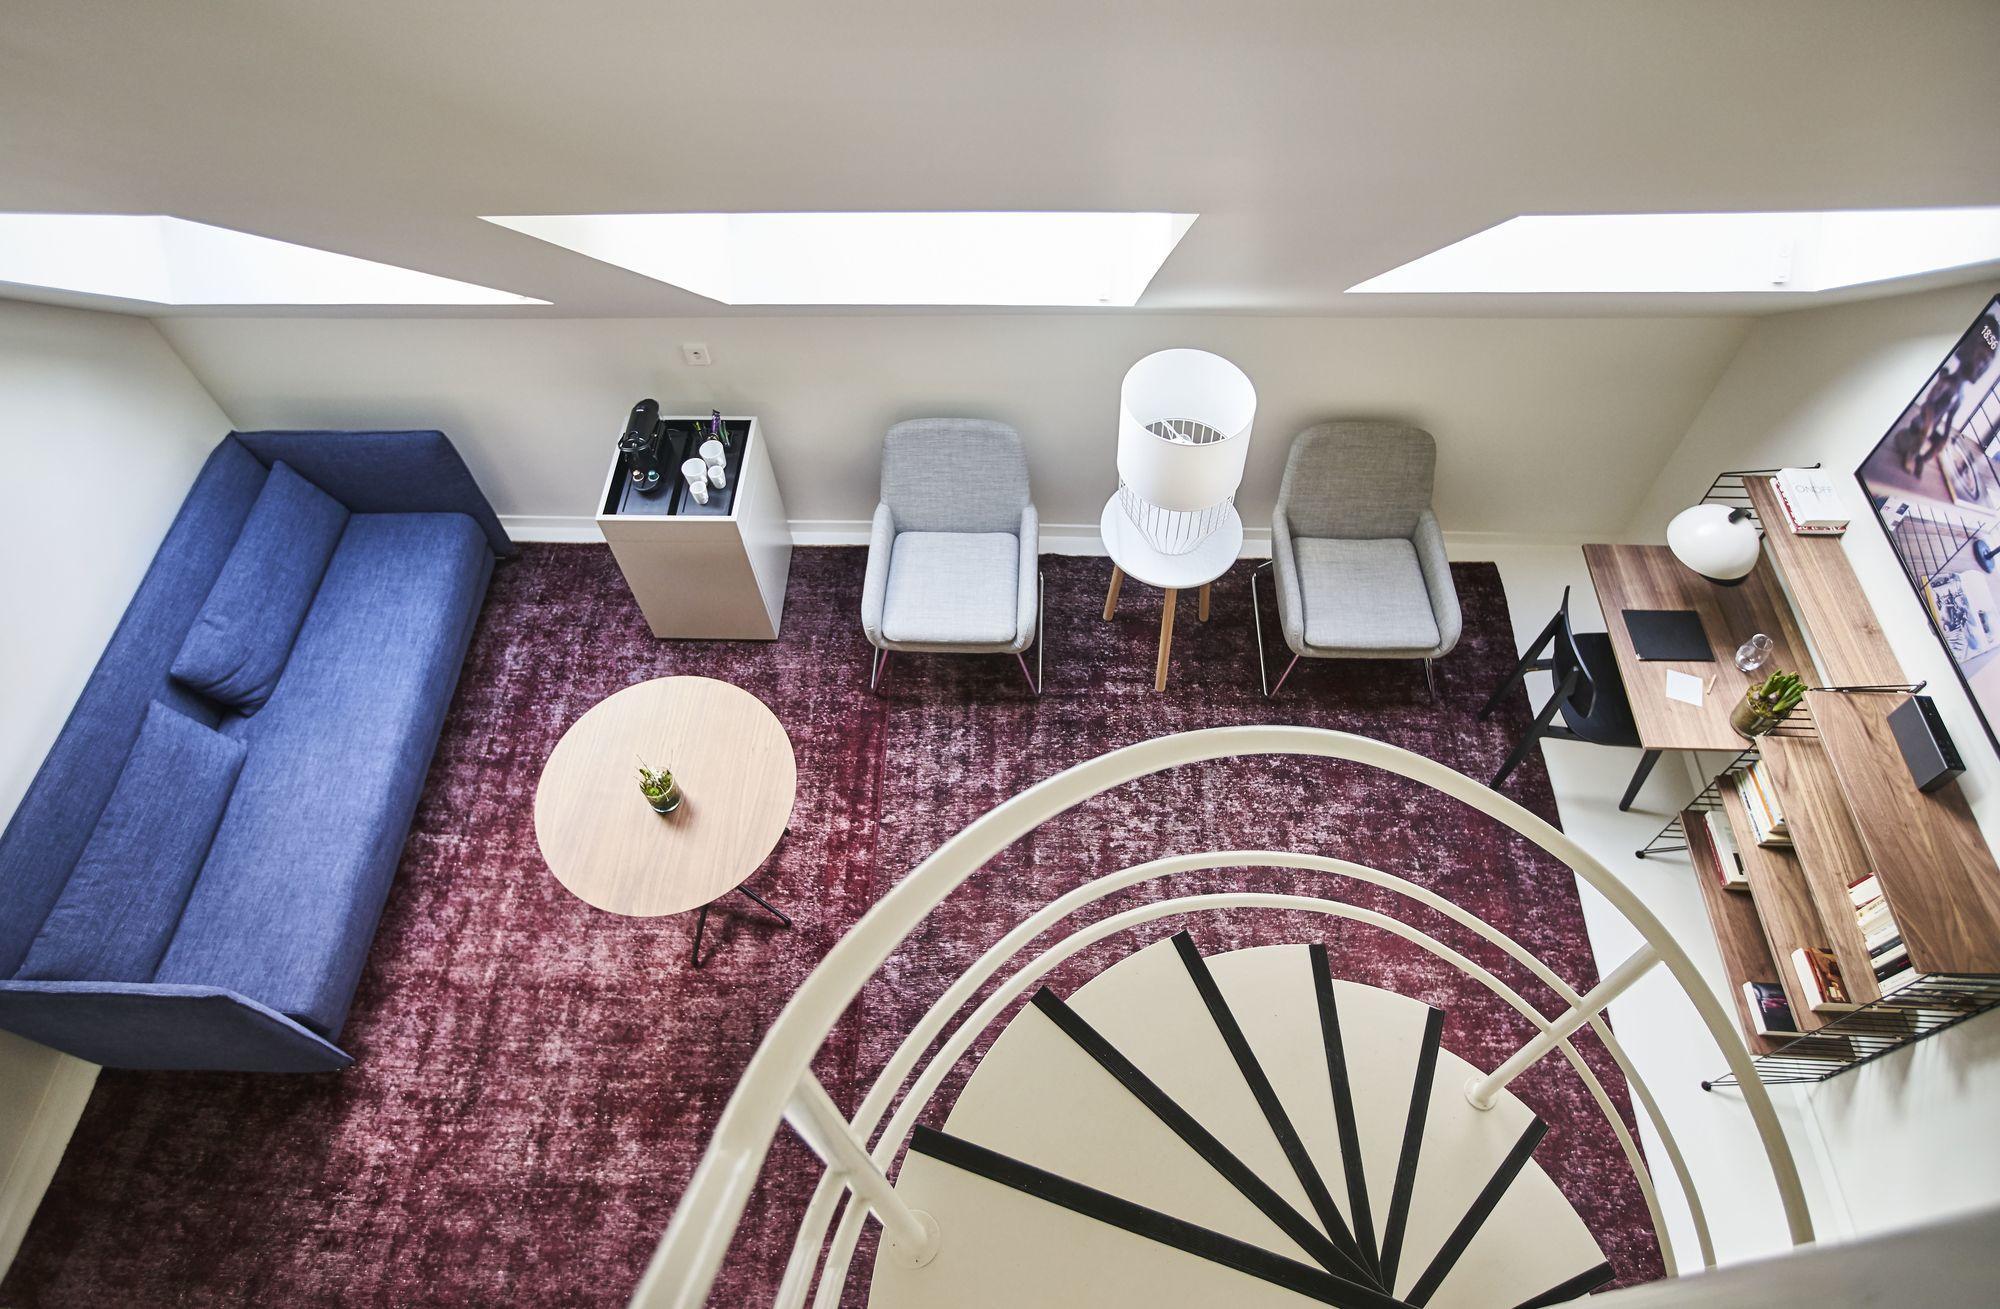 Duplex room design 9 Hotel Sablon Brussels